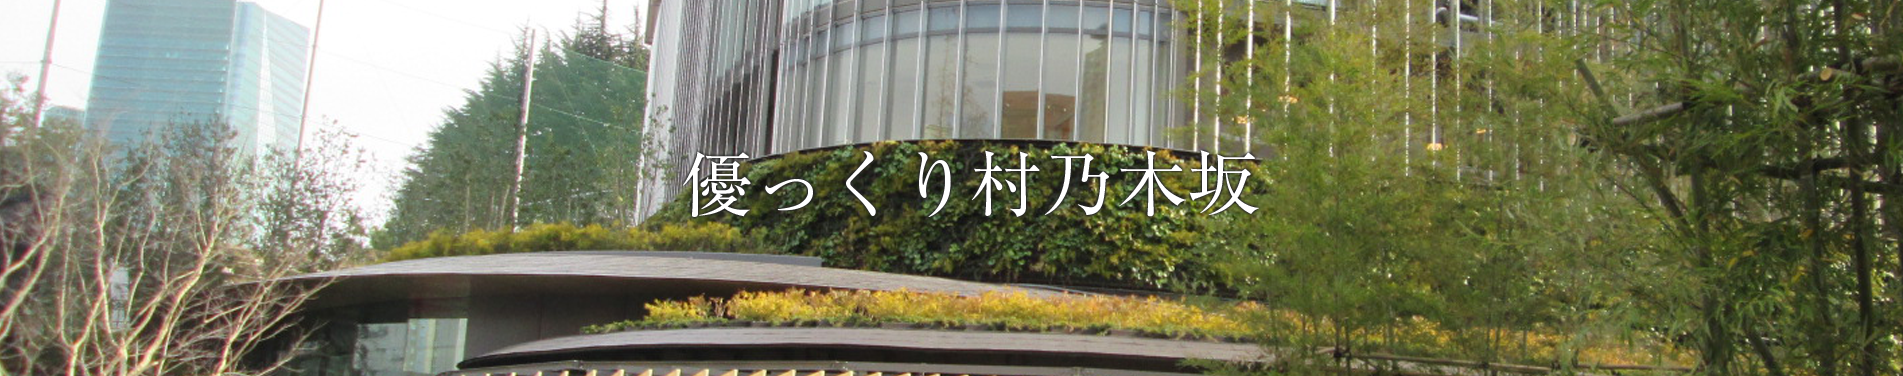 優っくり村乃木坂